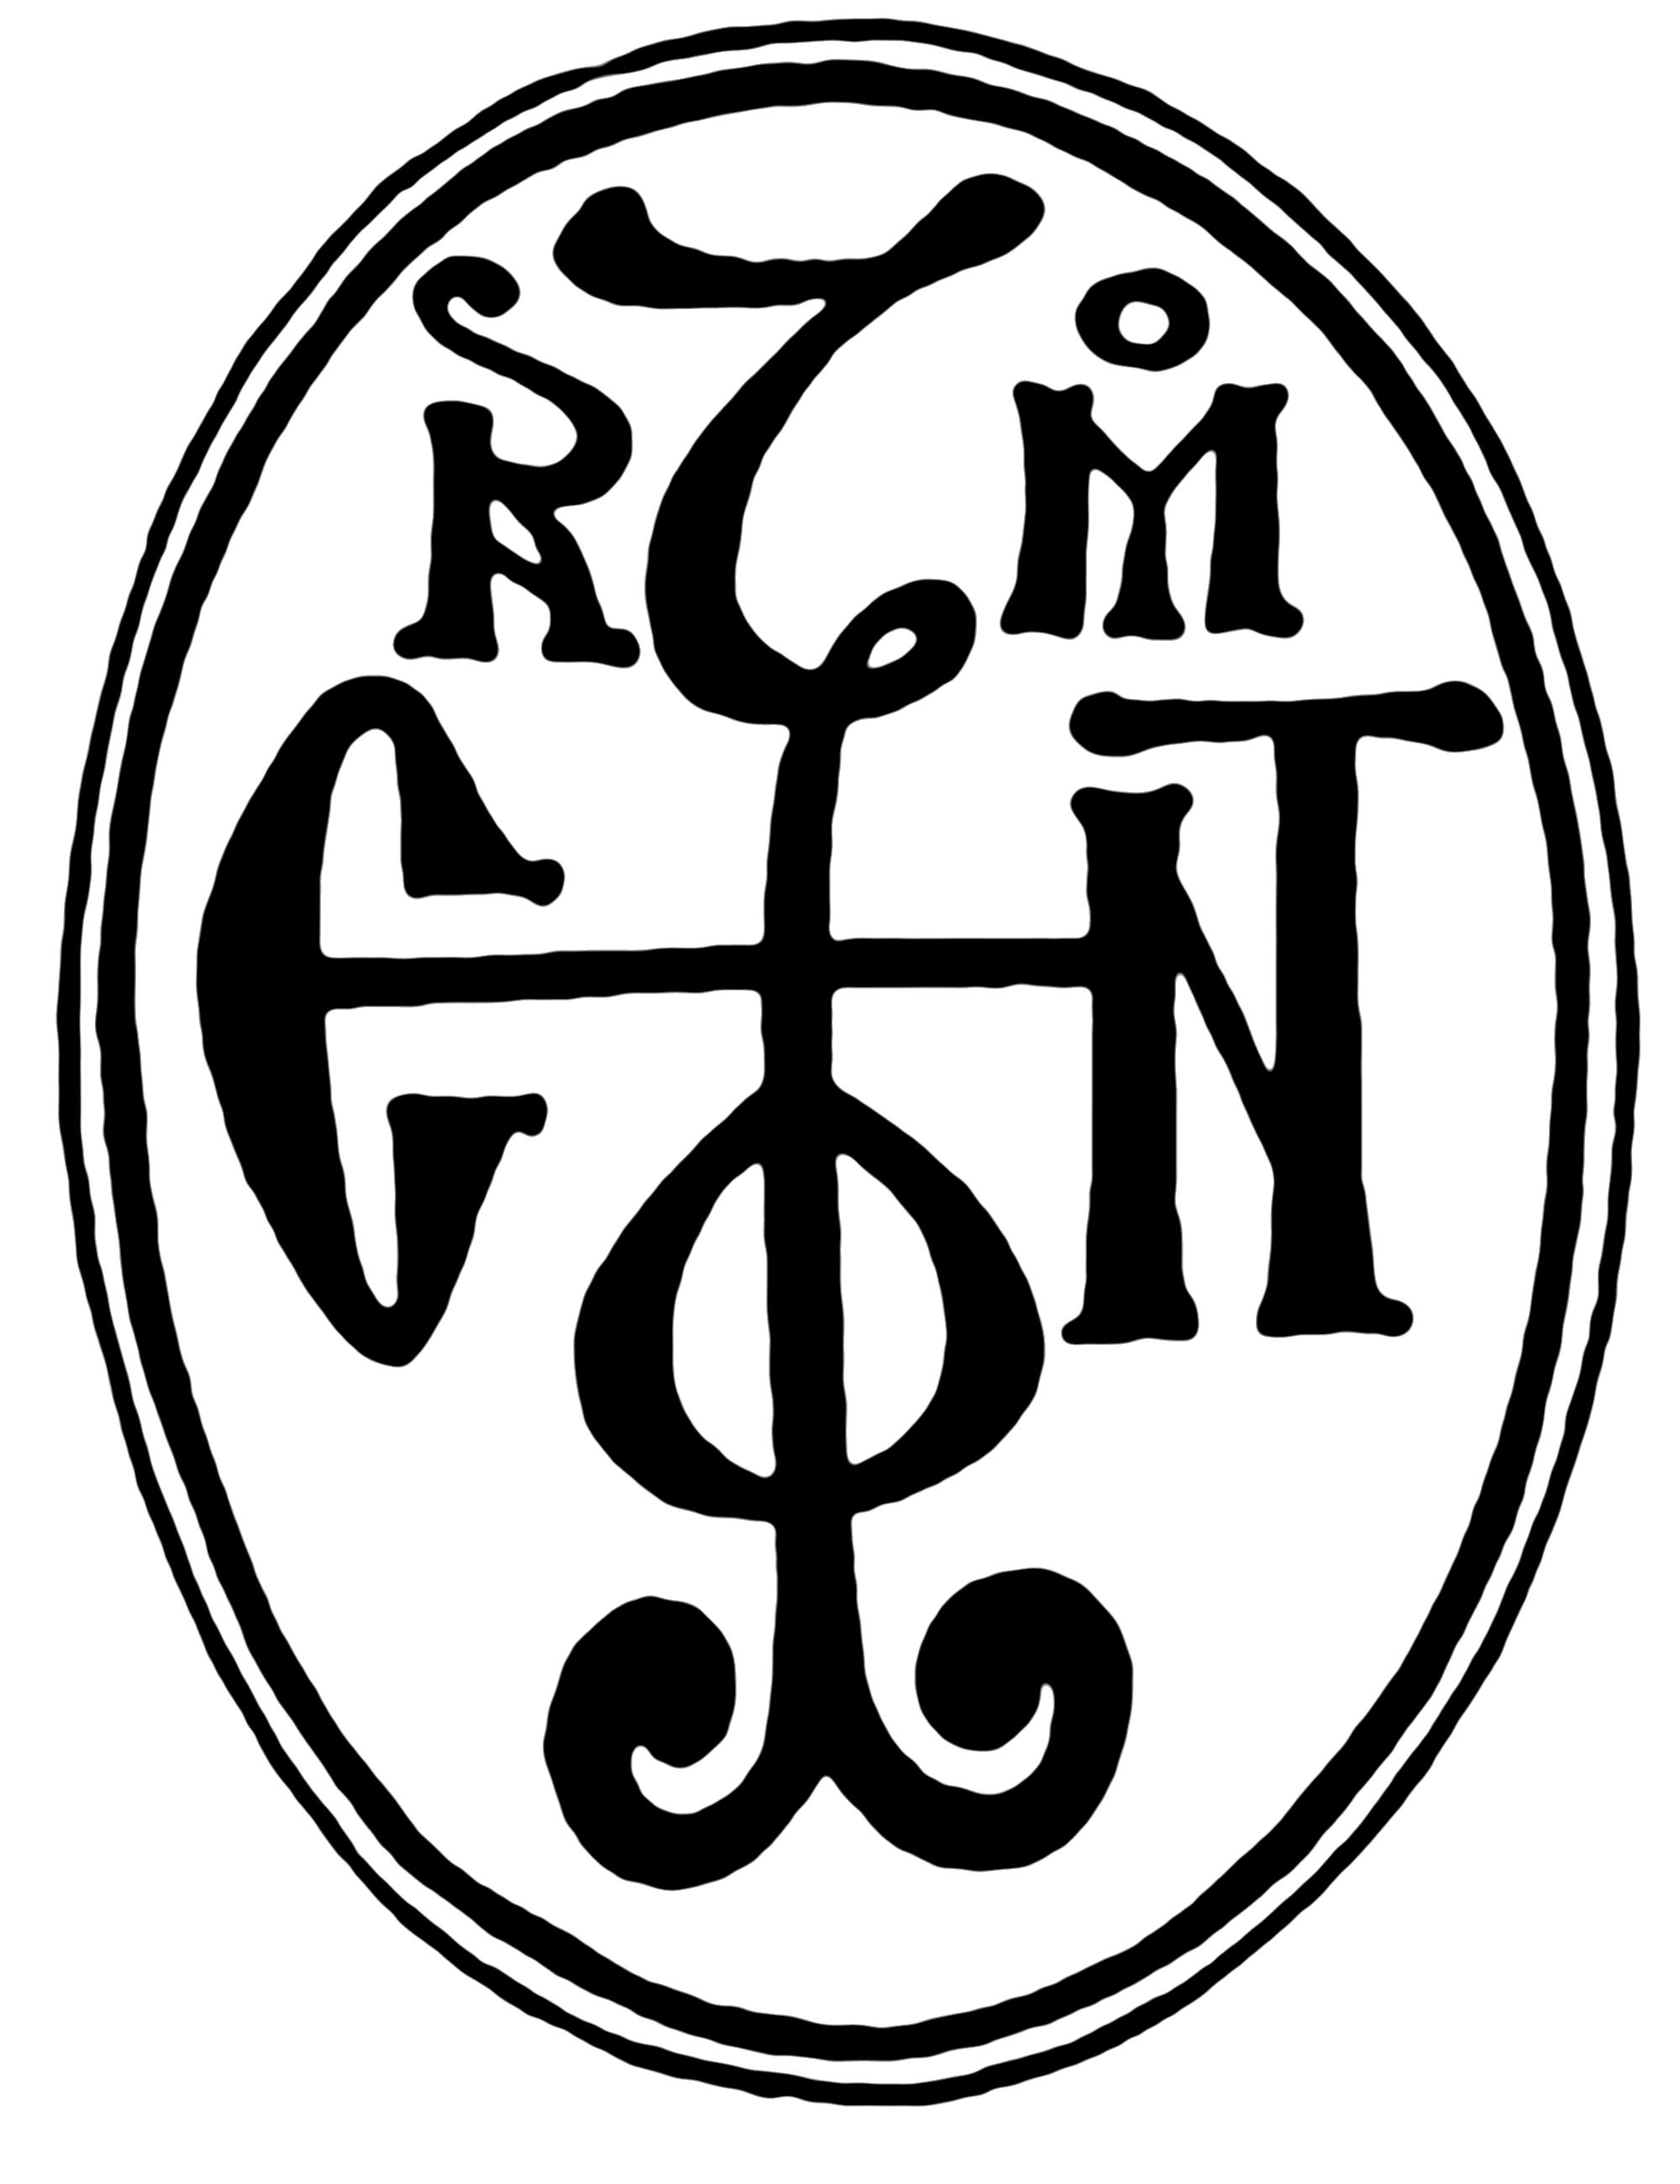 seal-logo-black